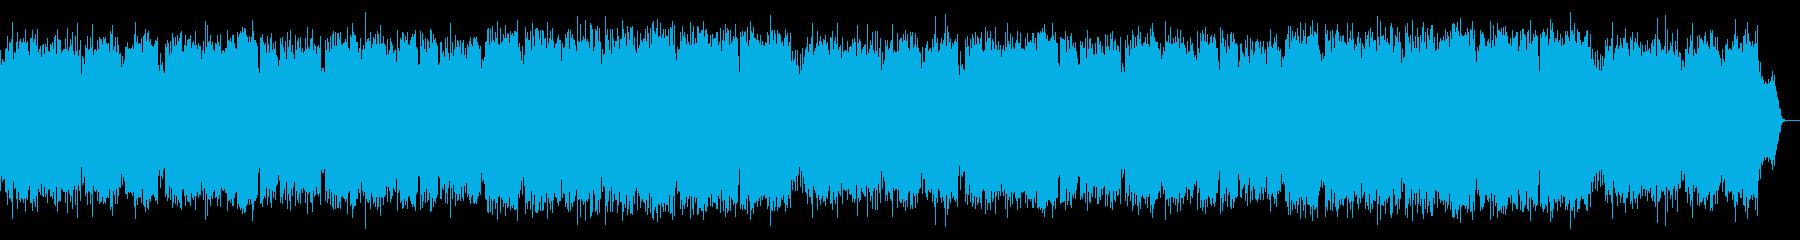 しっとりと落ち着くサックス旋律のポップスの再生済みの波形